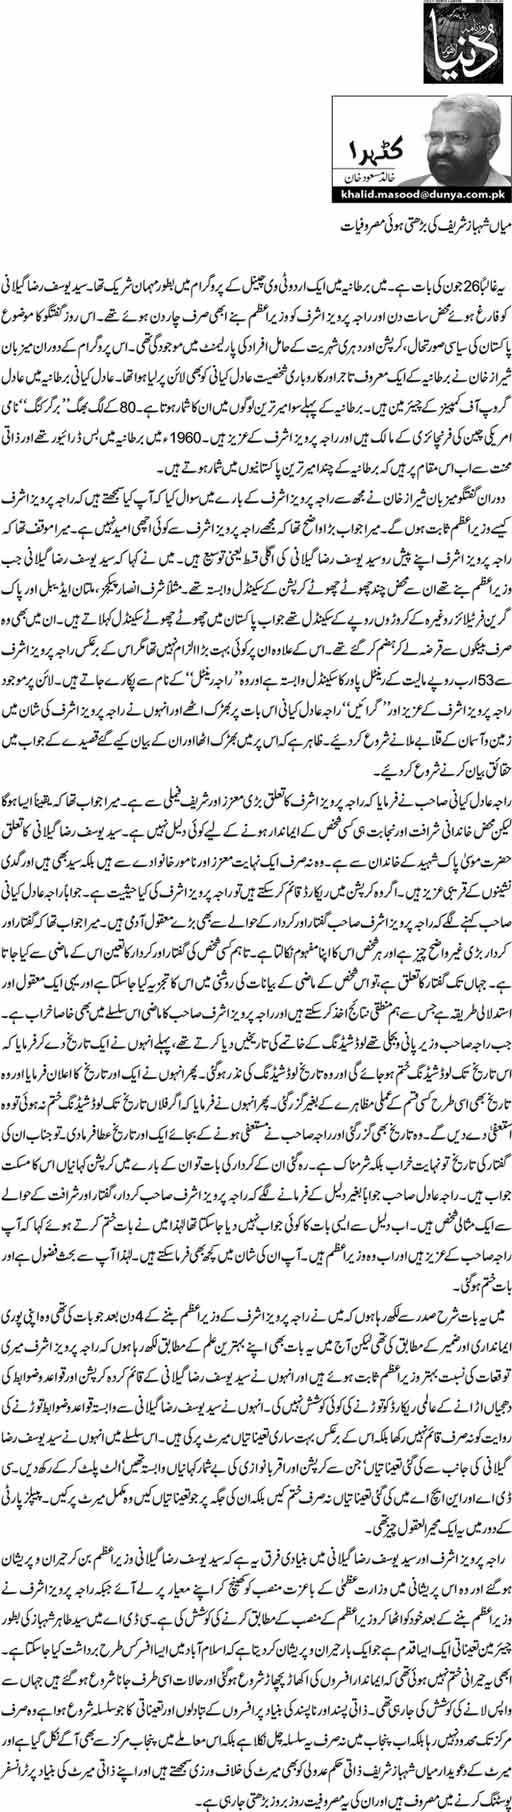 Mian Shahbaz Sharif ki barhti hwi masroofiyyat - Khalid Masood Khan